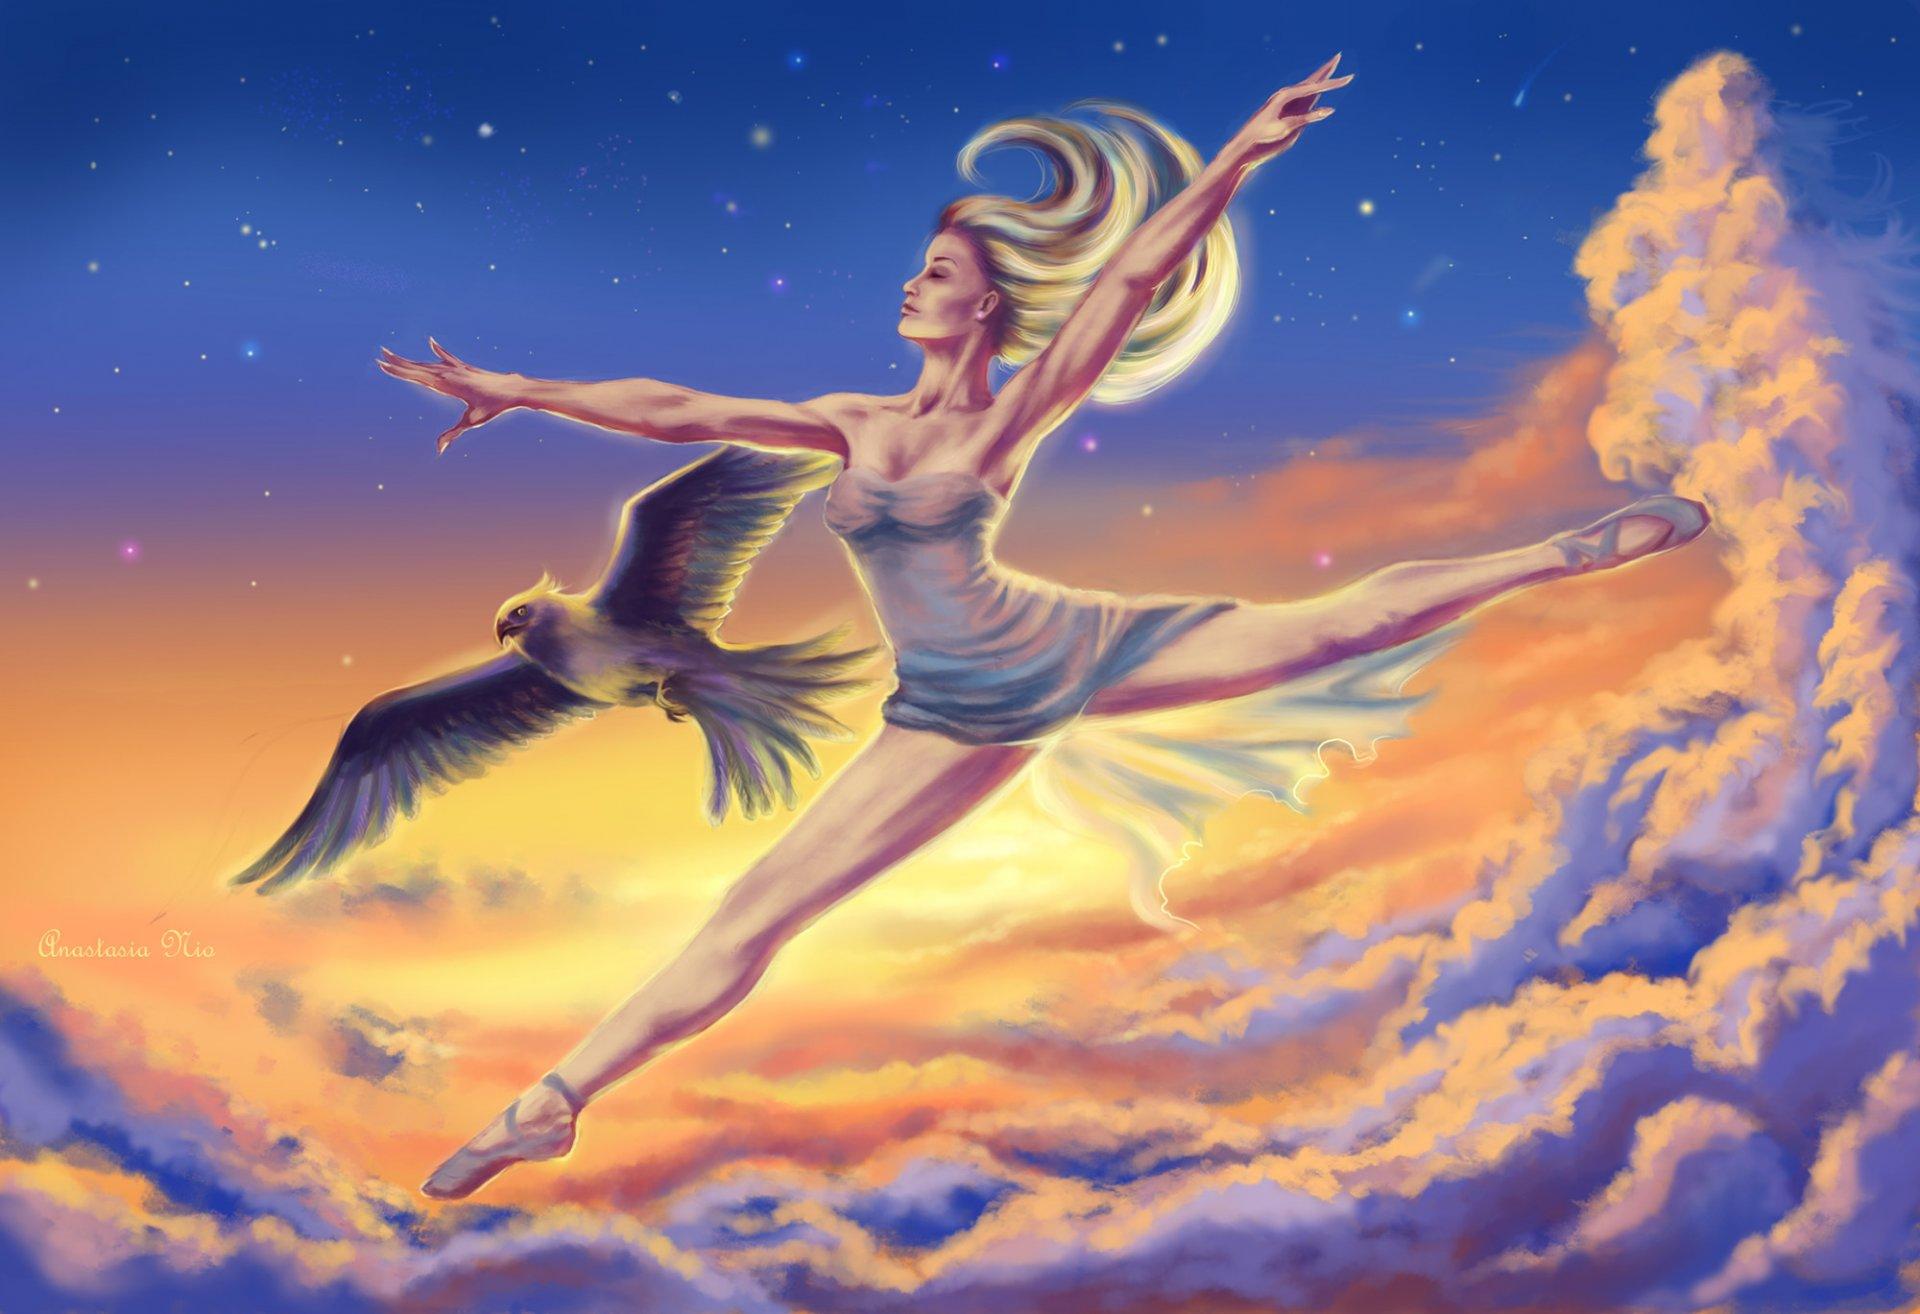 картинка человек летит на птице прочего